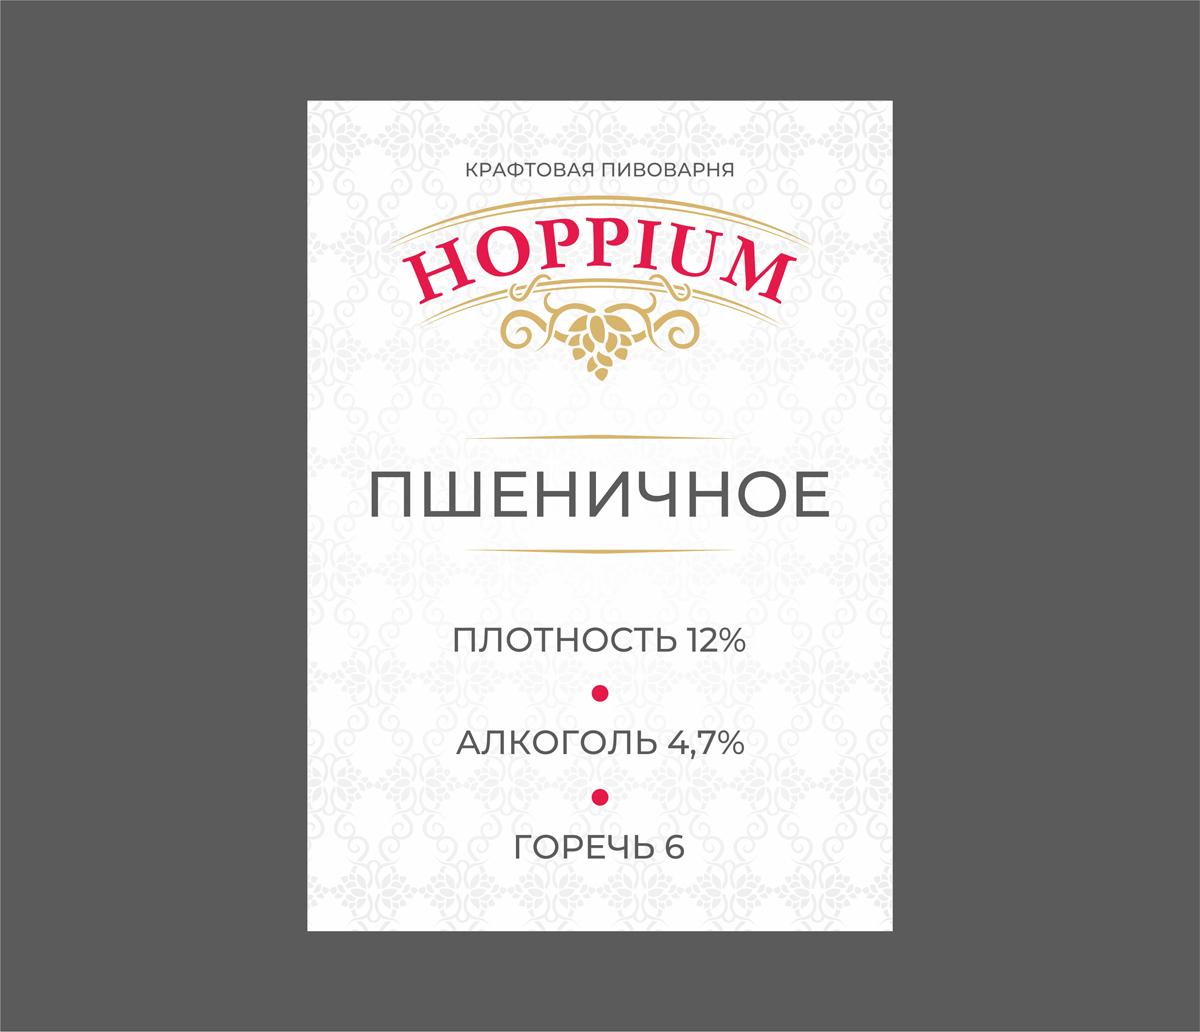 Логотип + Ценники для подмосковной крафтовой пивоварни фото f_3985dc03890befa4.jpg